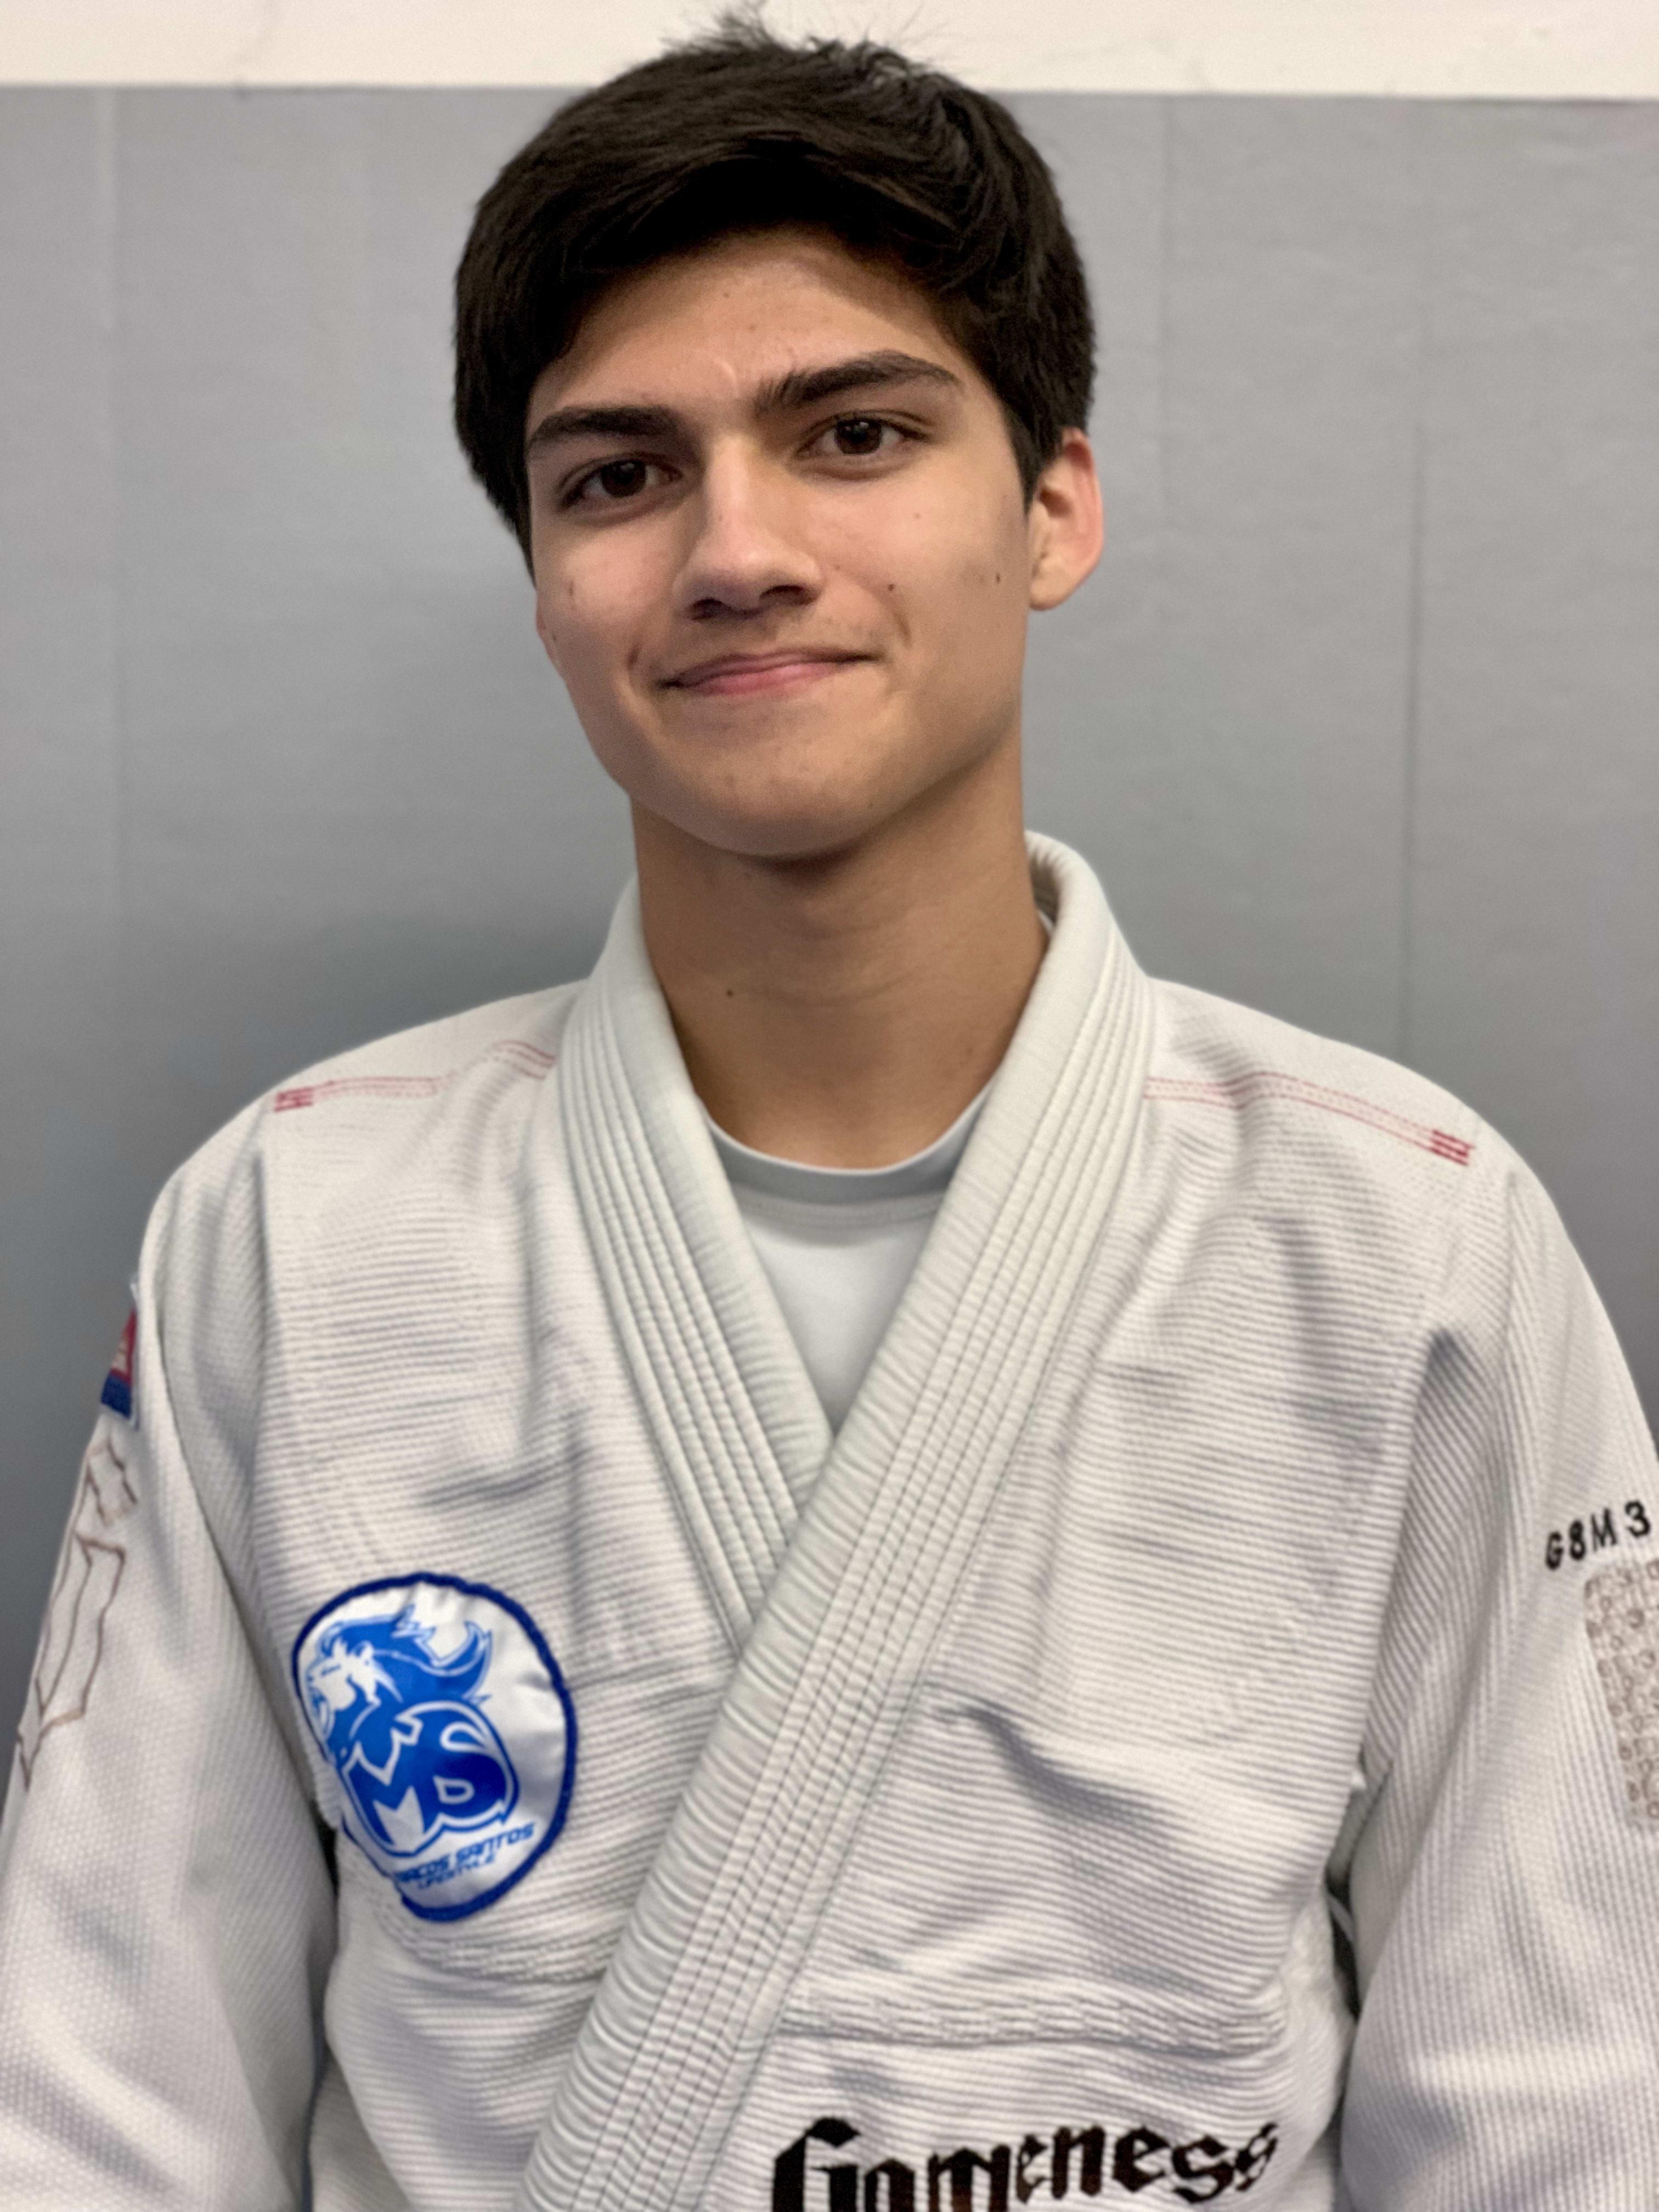 Justin Scott in Fort Worth - Marcos Santos Academy